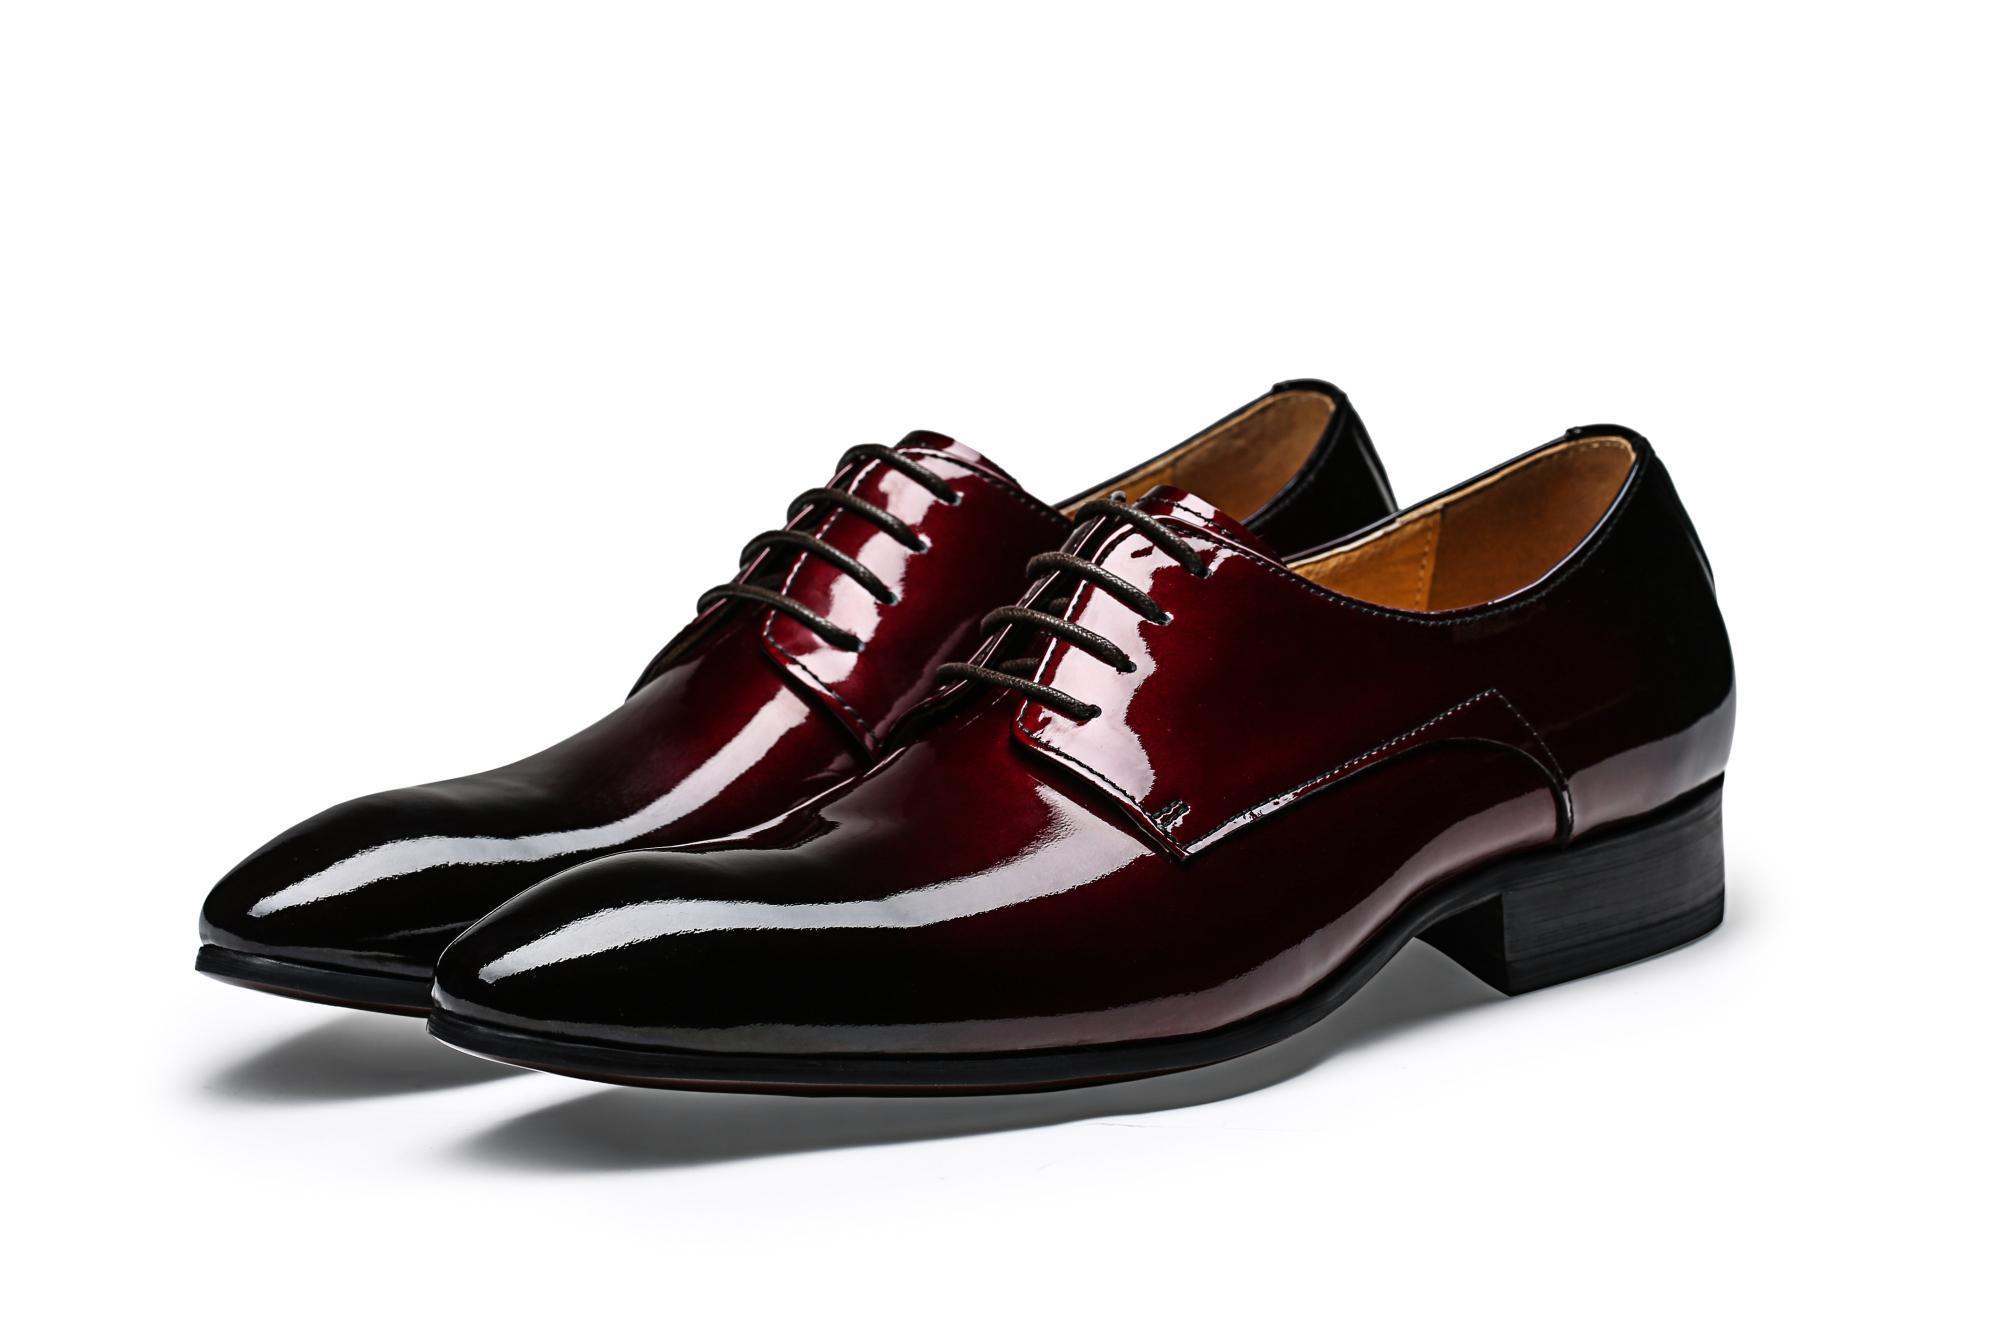 Black Derby Shoes Mens Dress Shoes